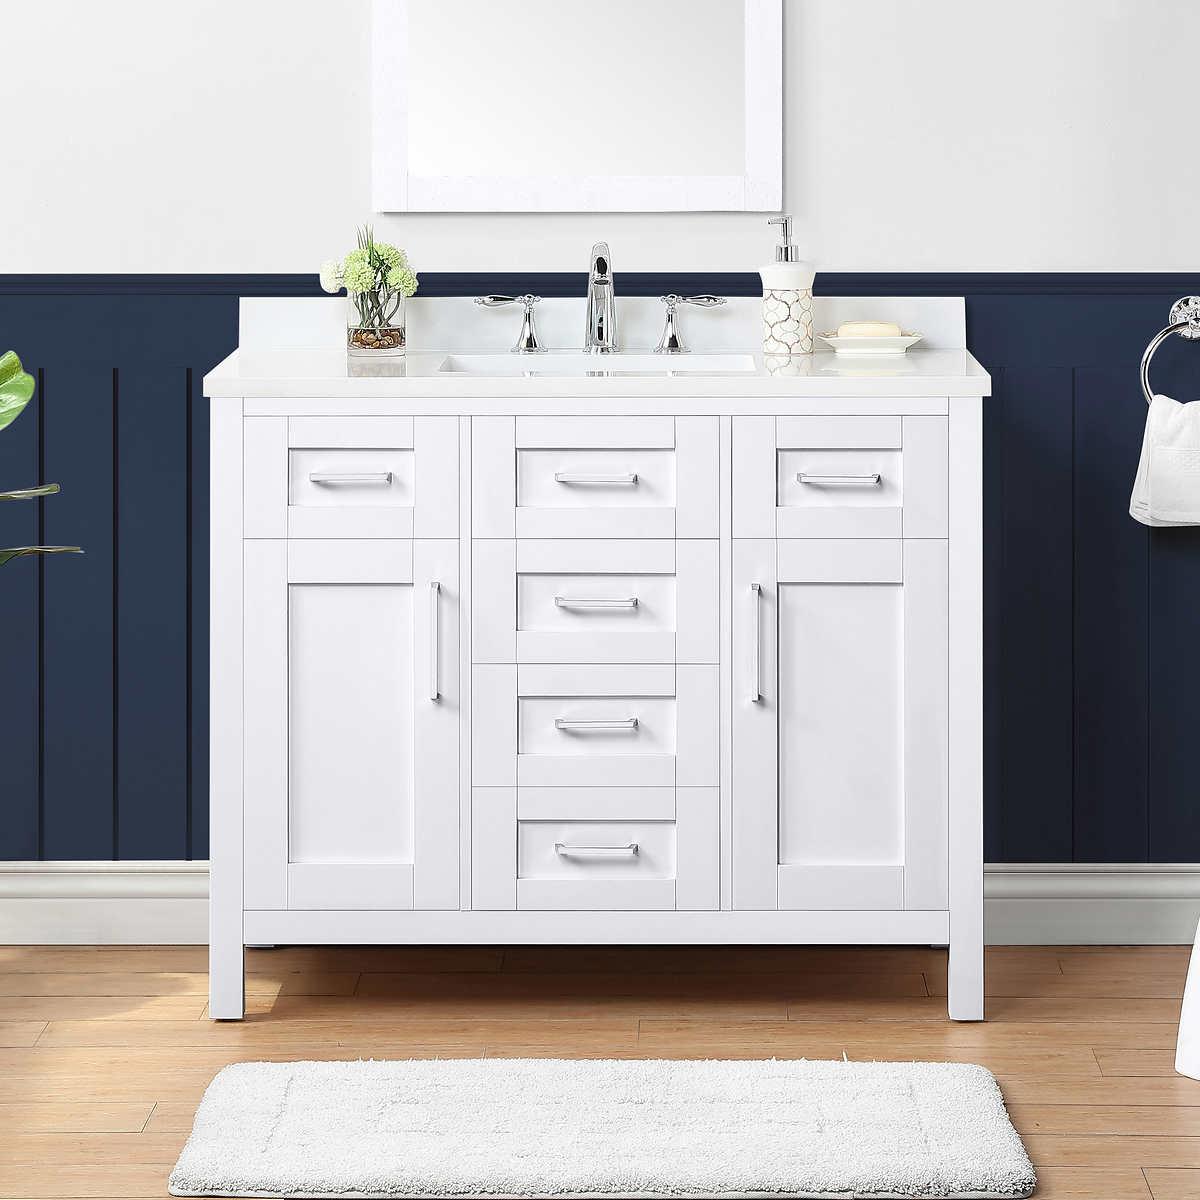 Ove Nevada 42 In White Vanity Costco, Ove 42 Inch Bathroom Vanity Costco